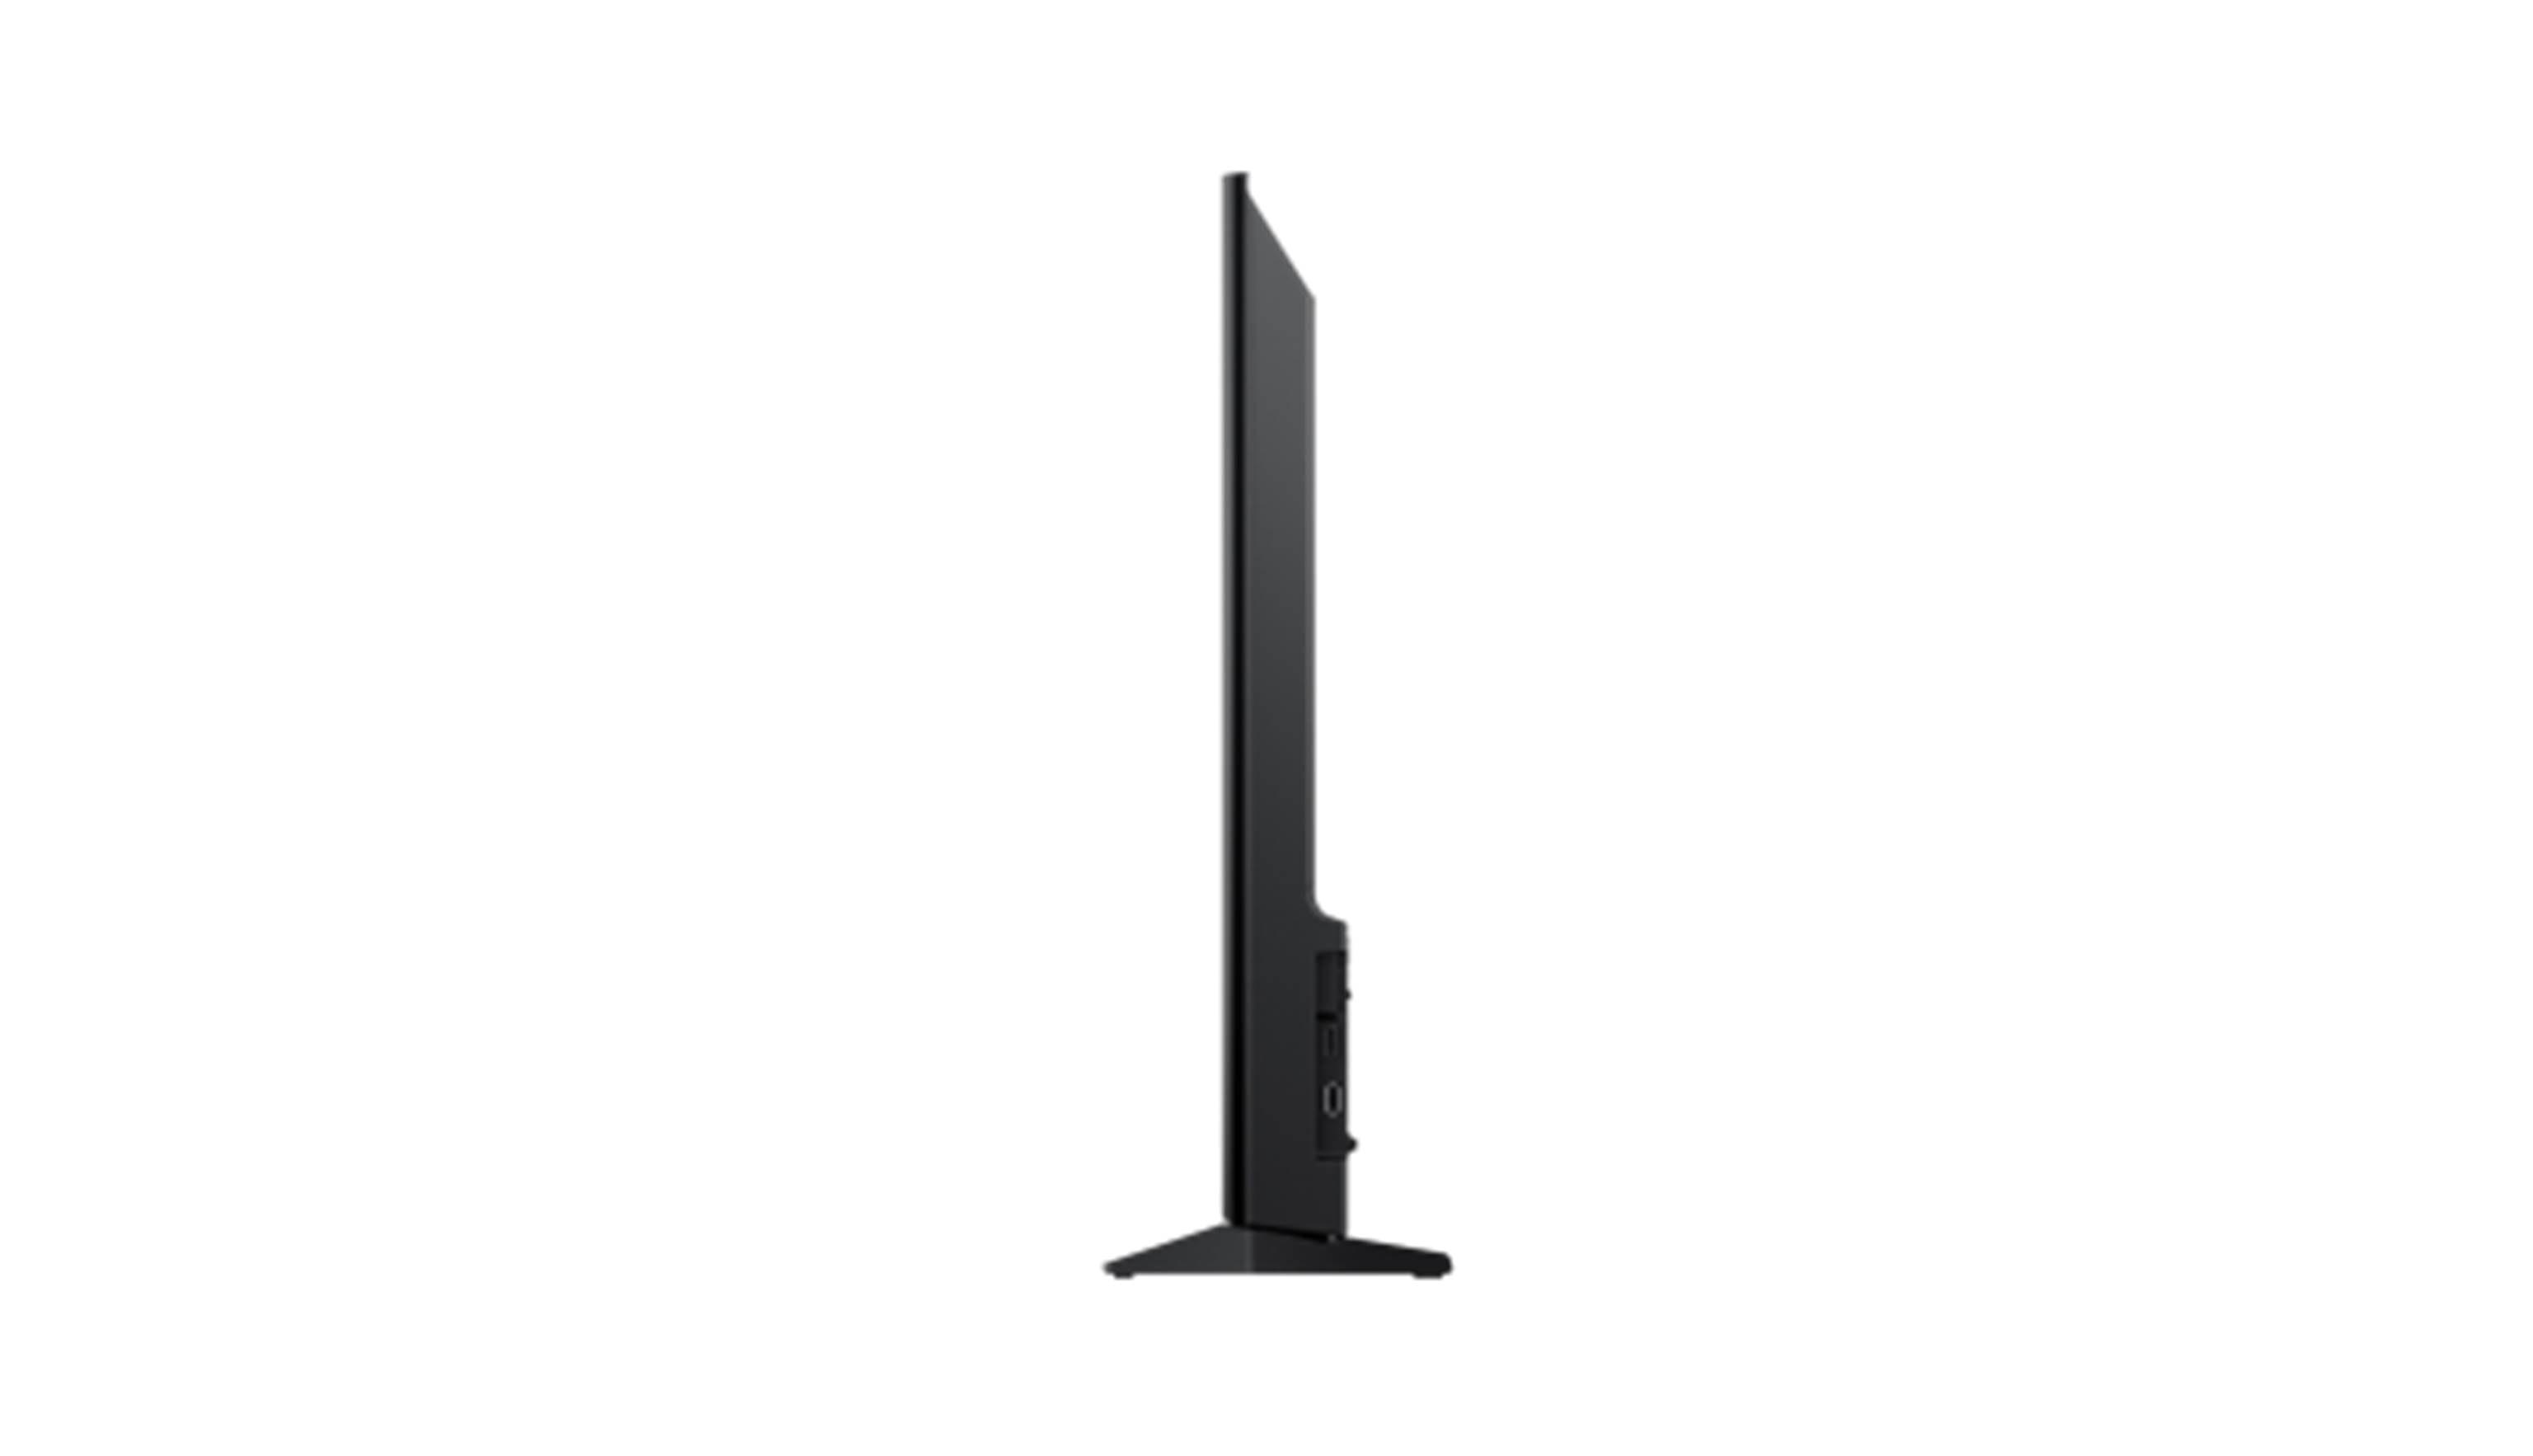 Sony KDL-32R300E 32 Full HD LED TV (2)